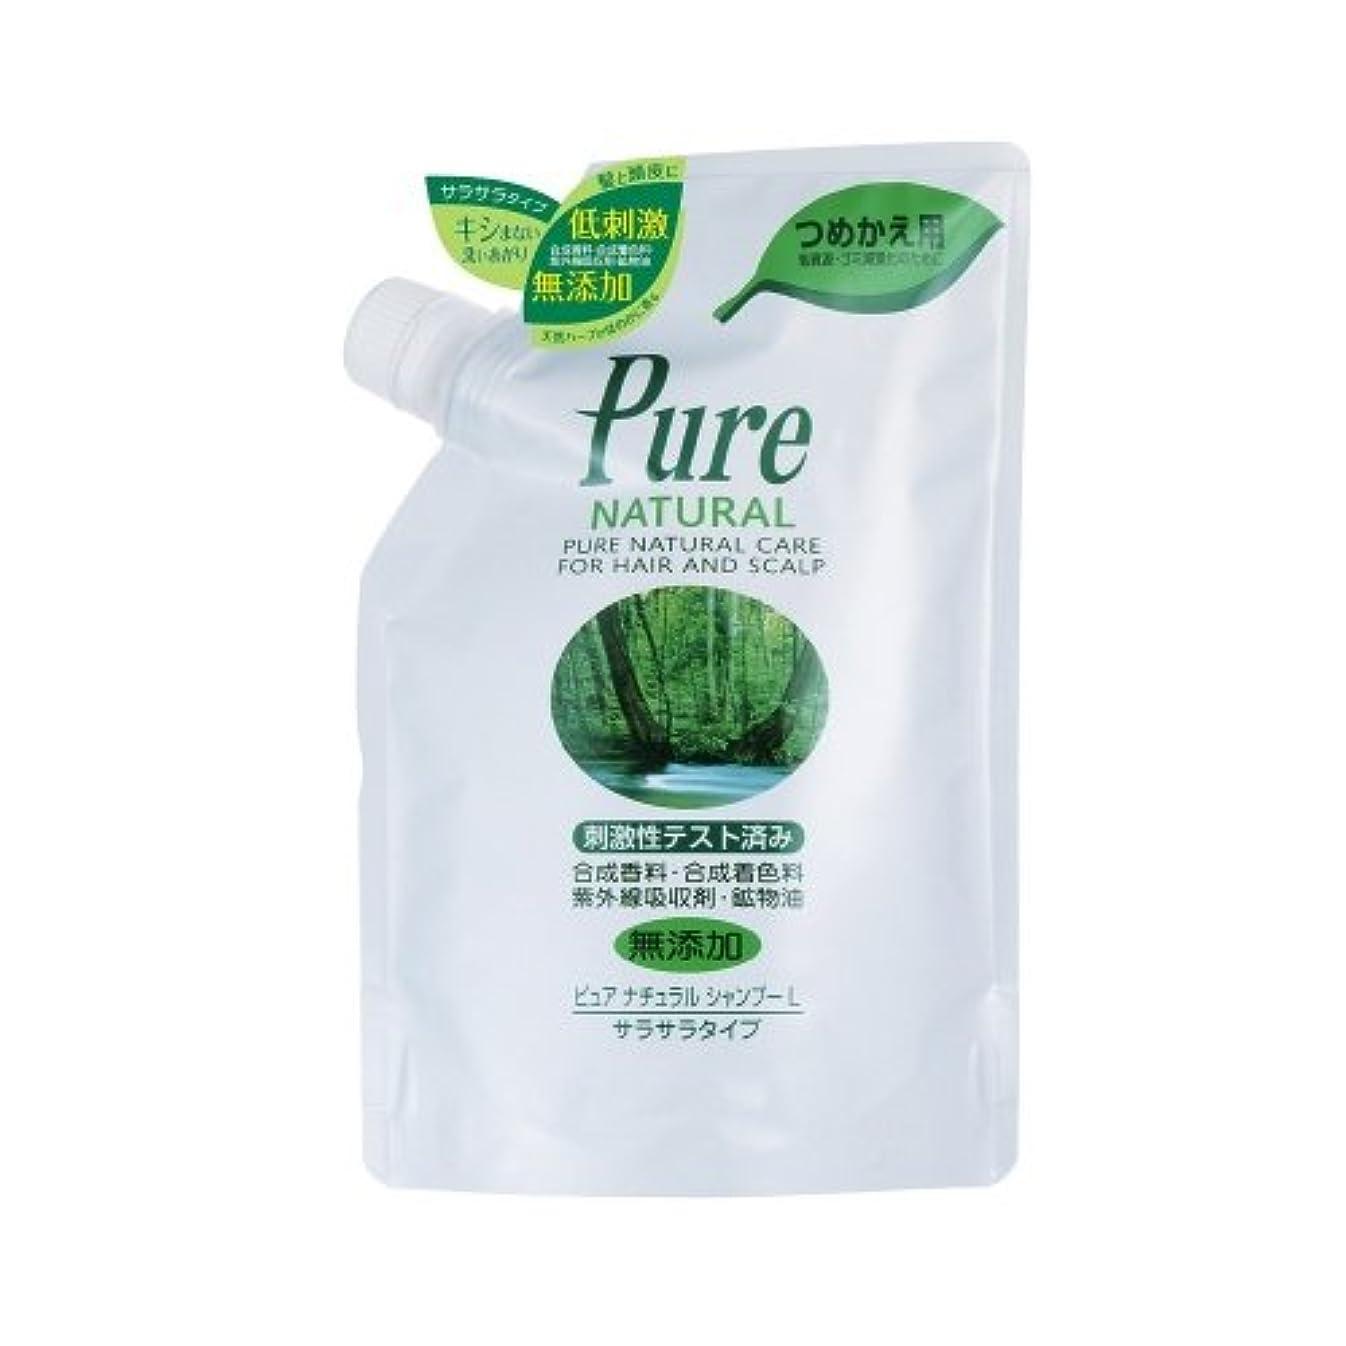 アプライアンス危険酸化物Pure NATURAL(ピュアナチュラル) シャンプー L (サラサラタイプ) 詰替用400ml